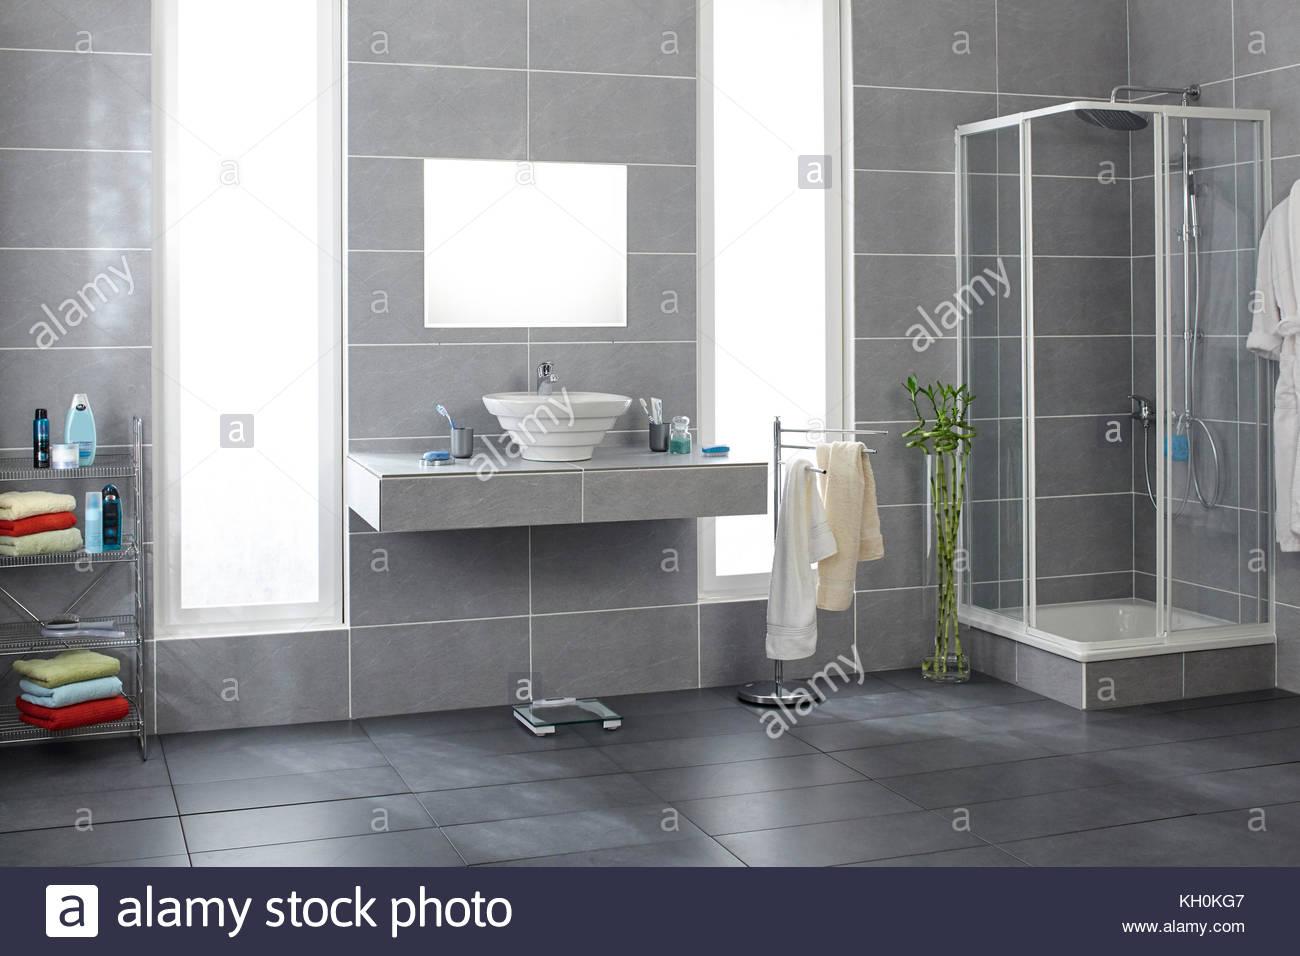 Bagno con piastrelle grigie foto & immagine stock: 165357815 alamy